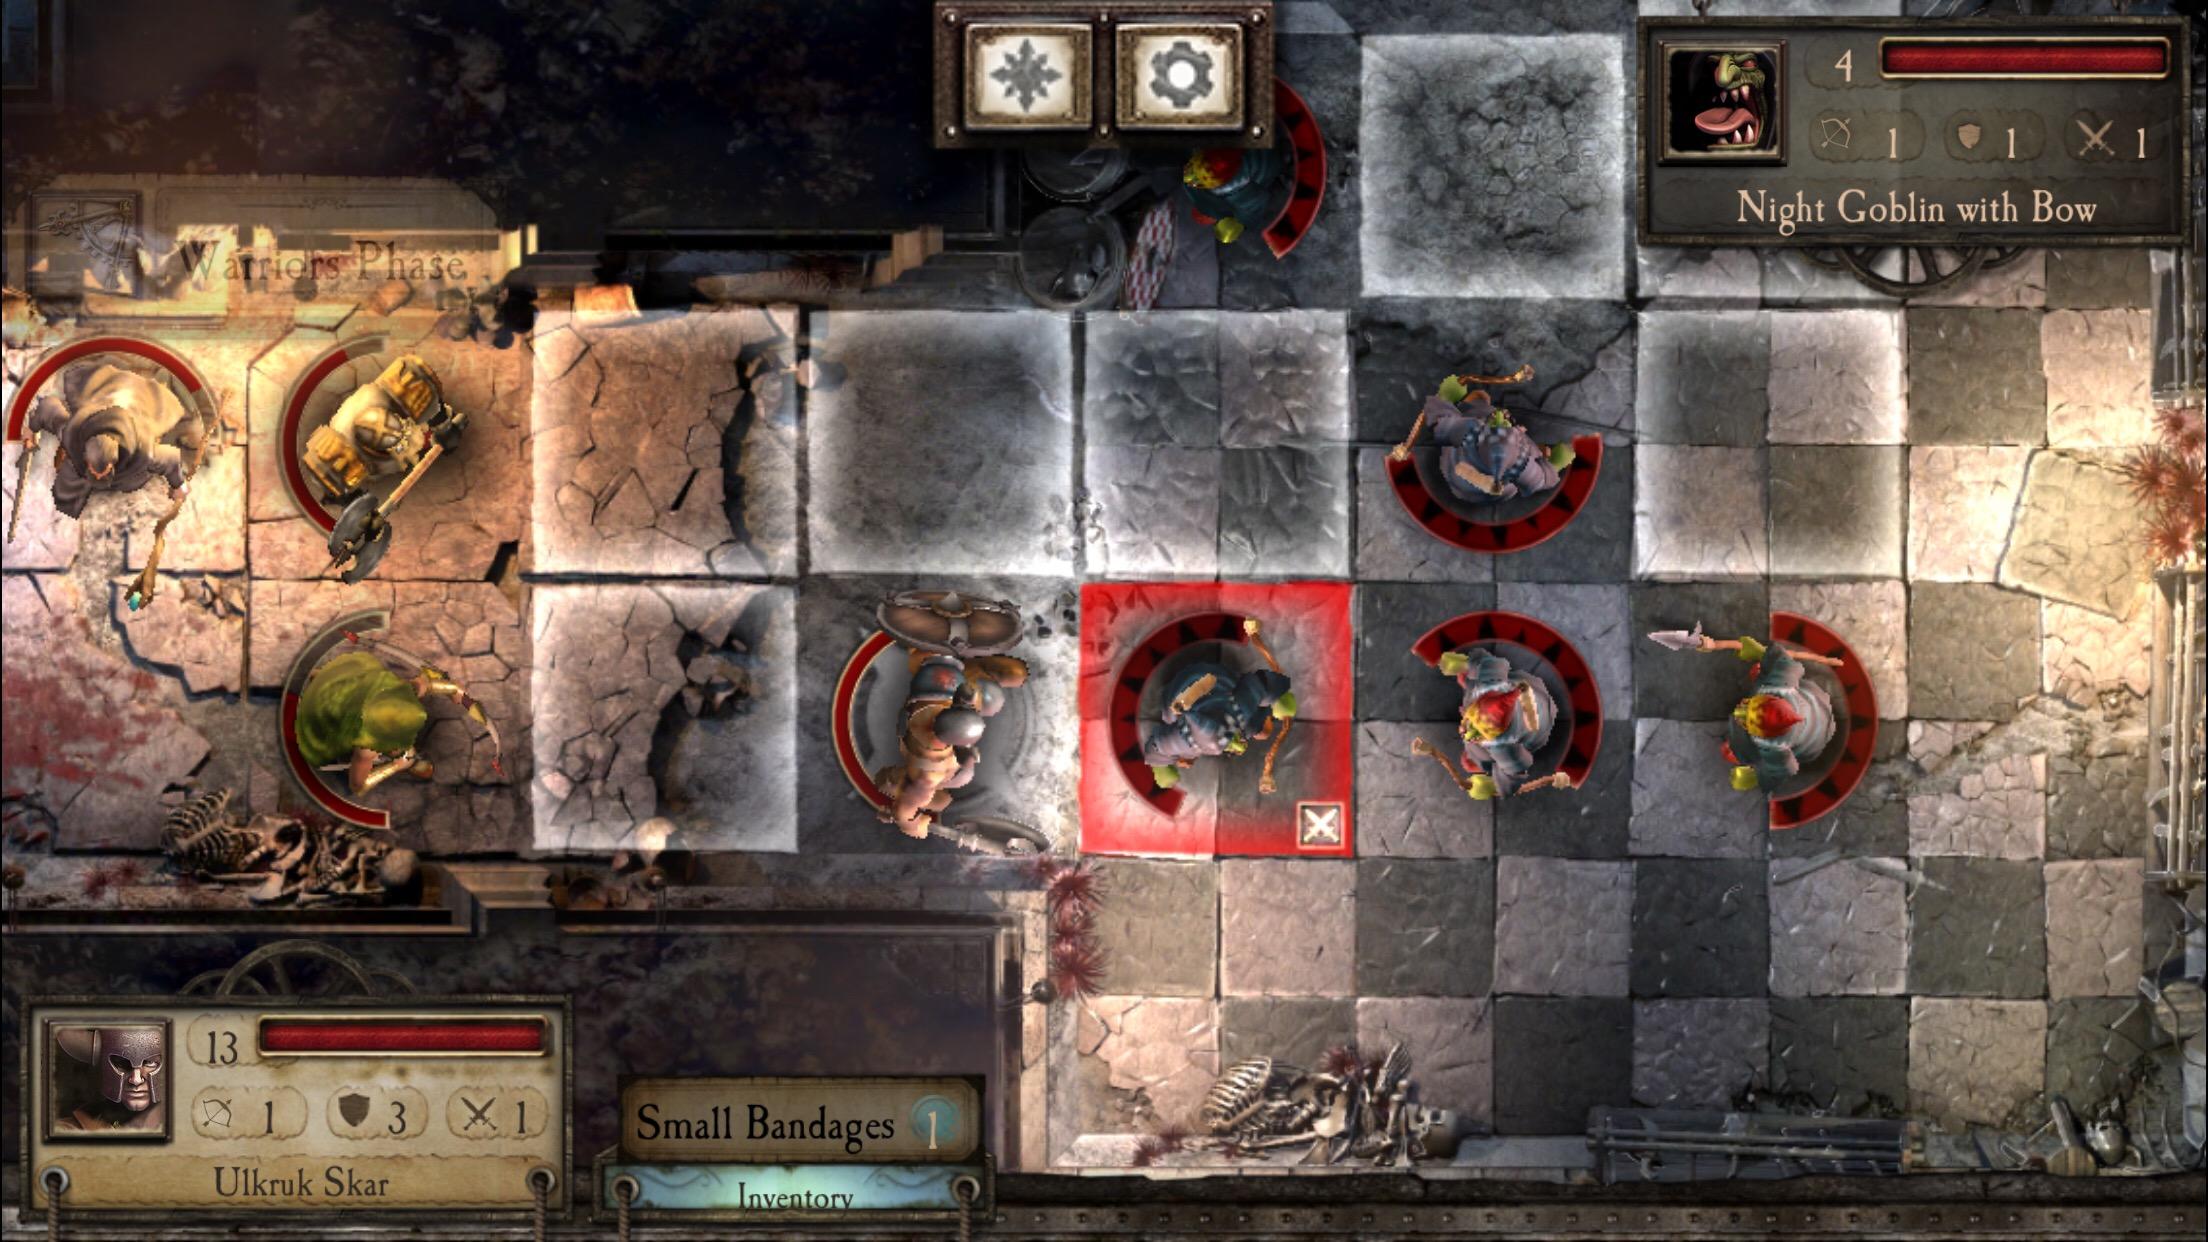 Warhammer онлайн рпг онлайн игры для взрослых стрелялки бесплатно без регистрации